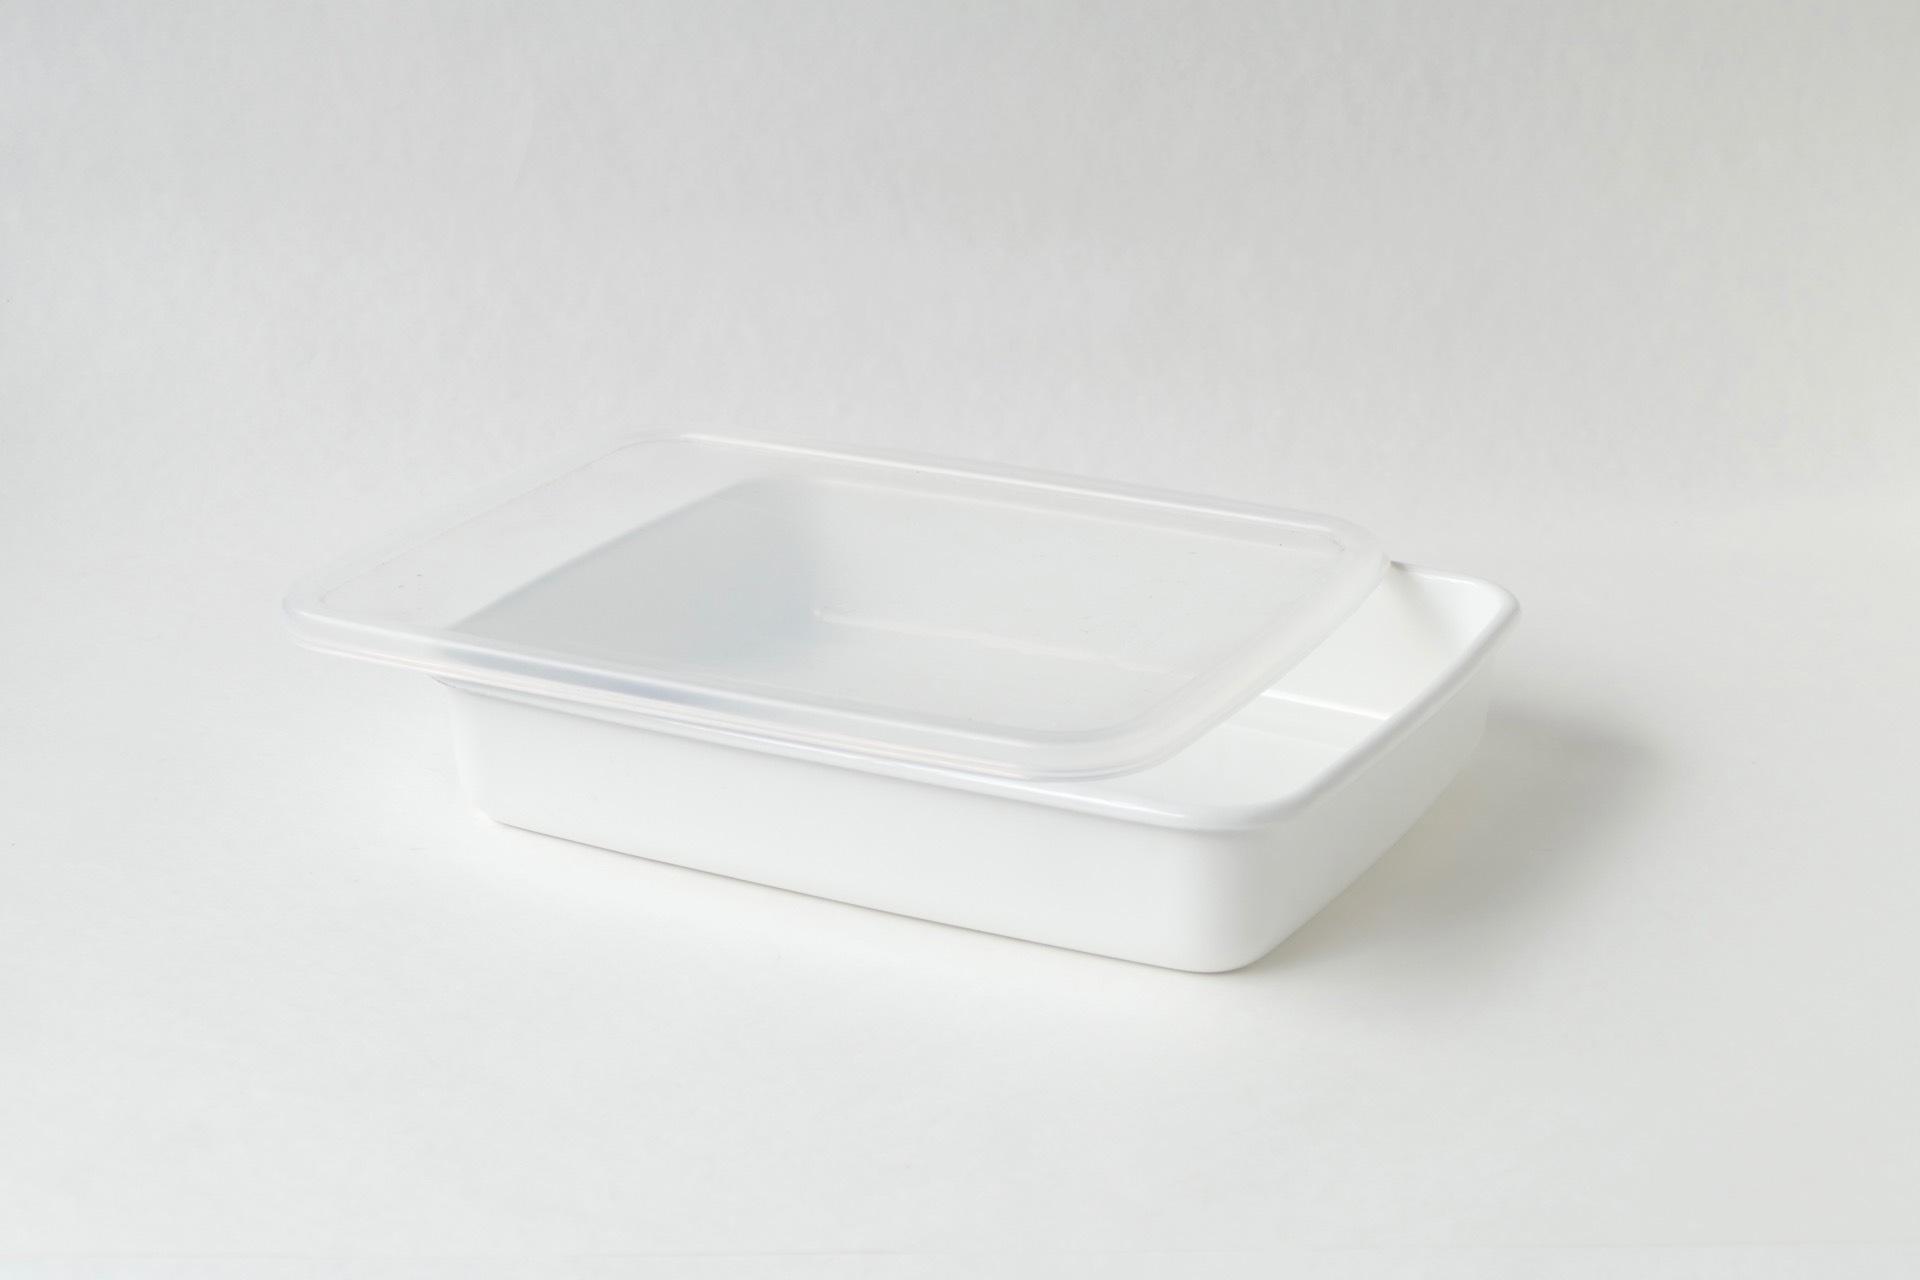 野田琺瑯 レクタングル浅型L シール蓋つき